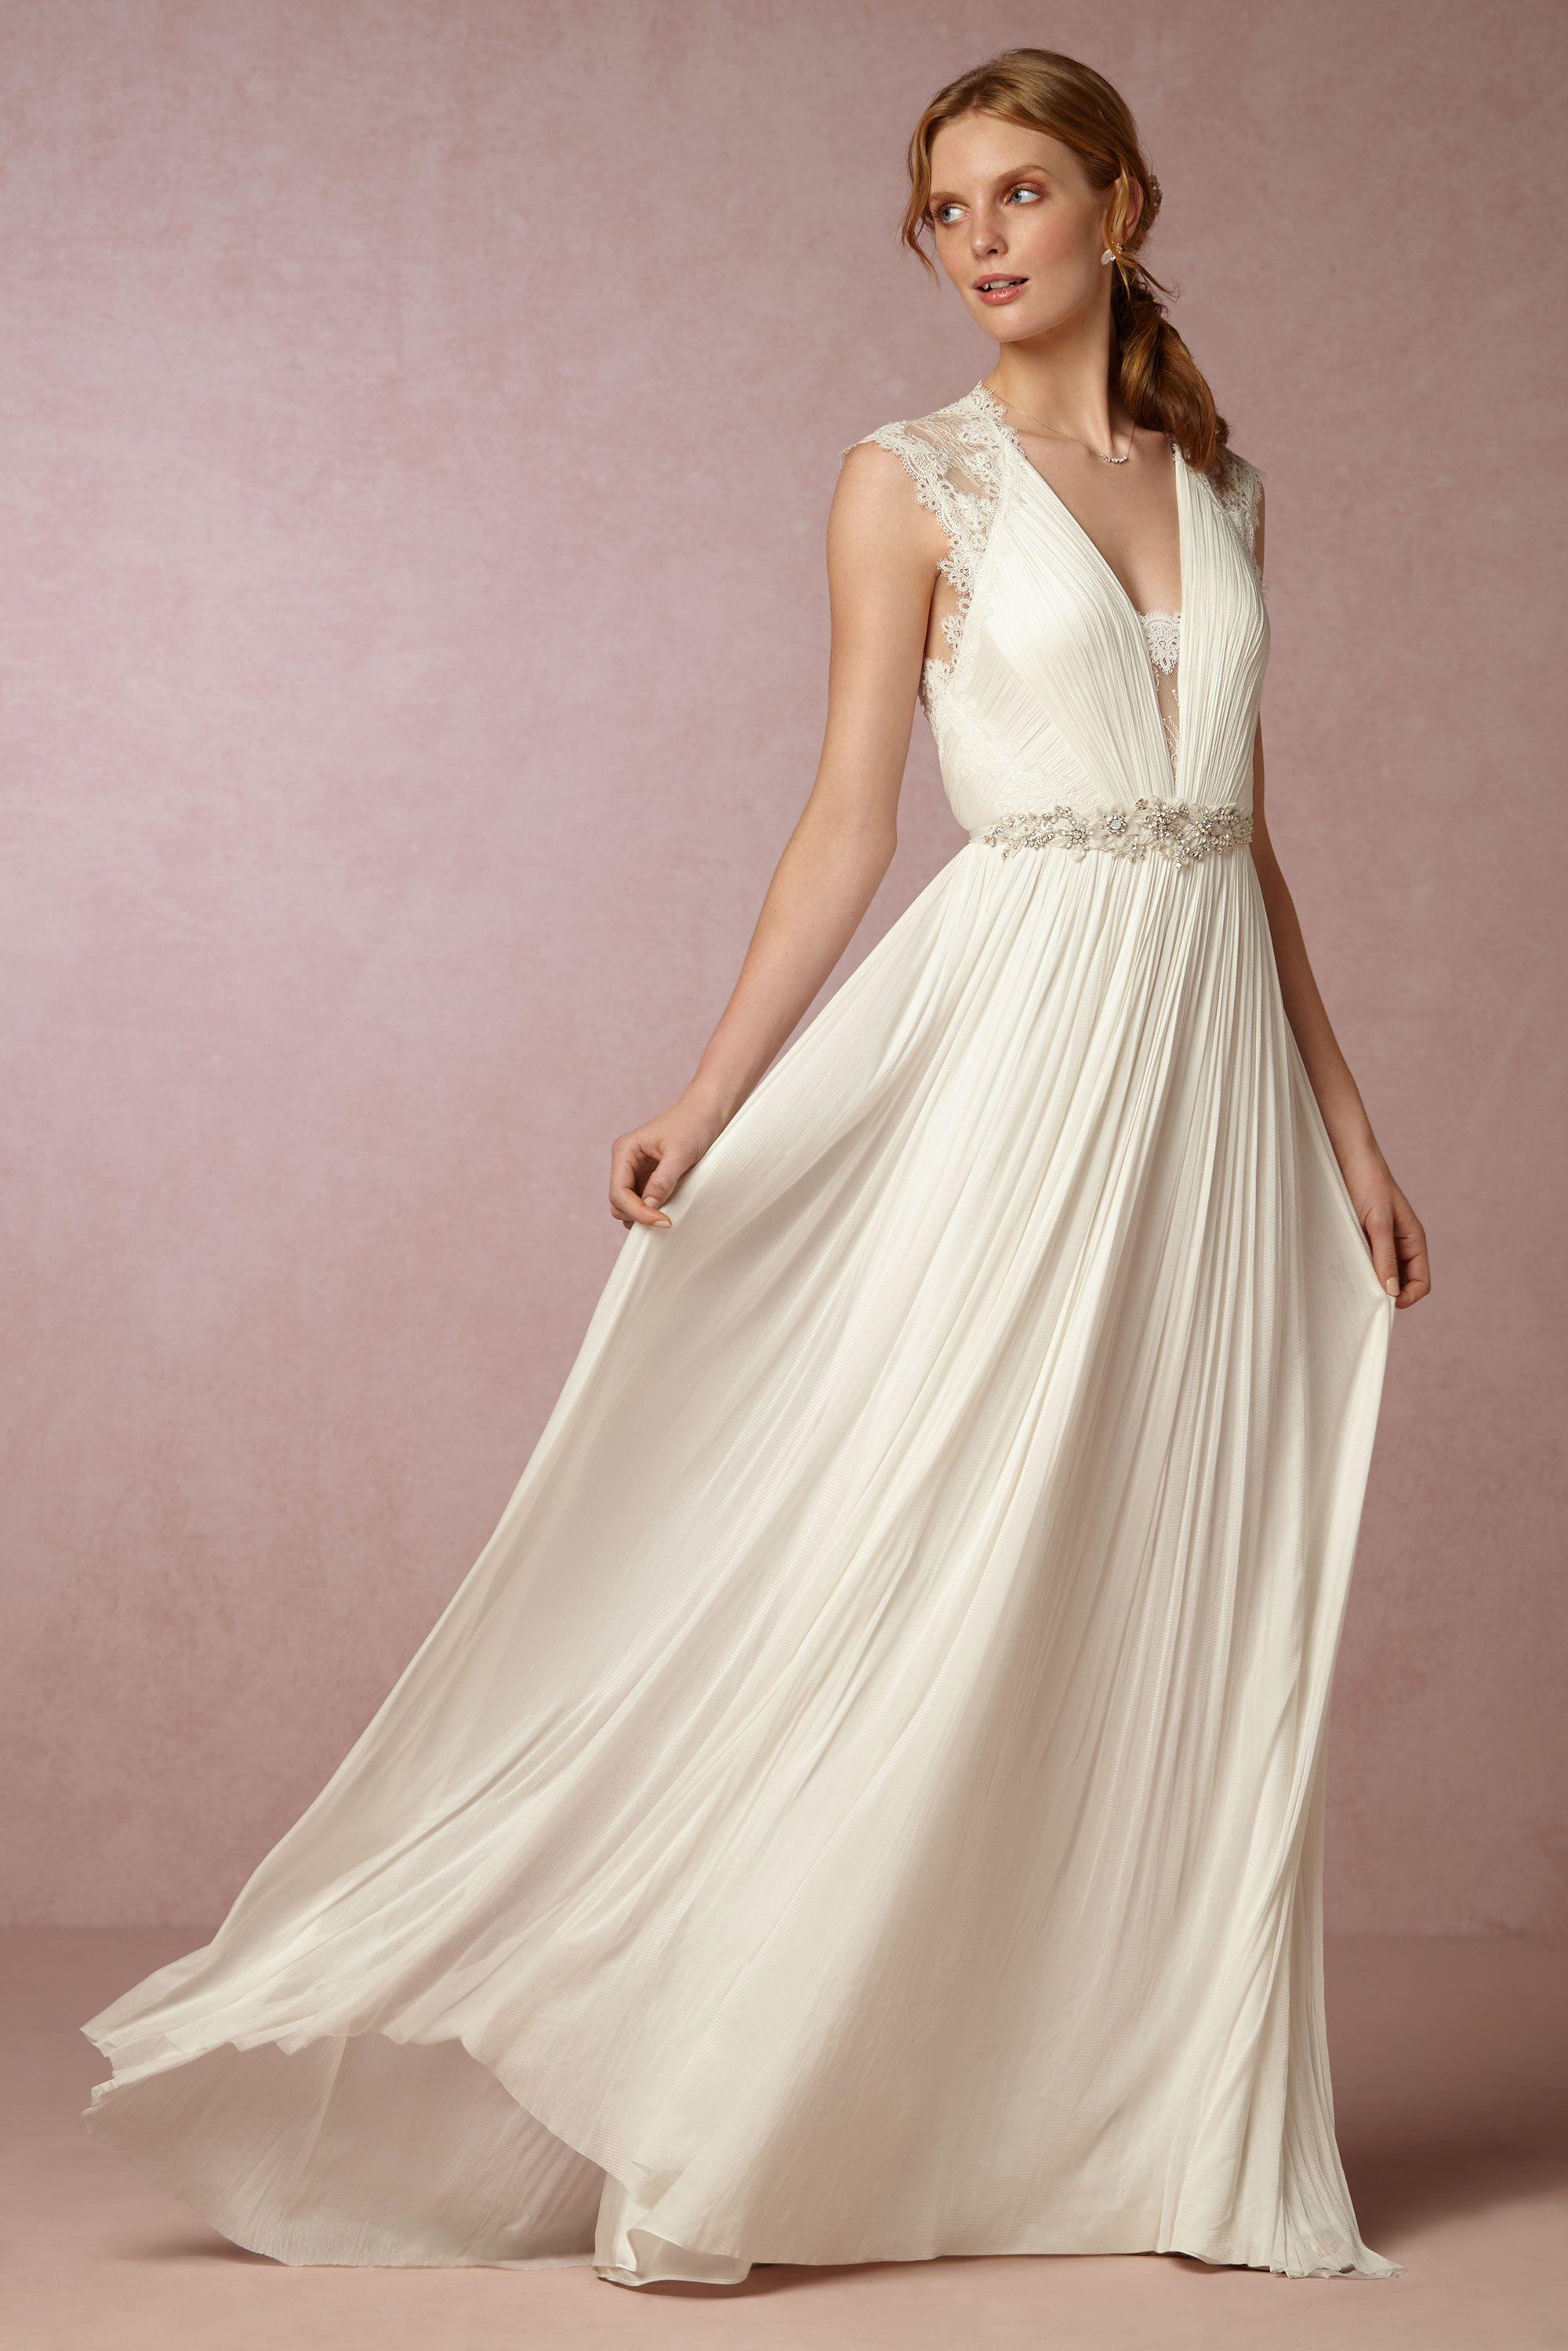 Fantasia Gown